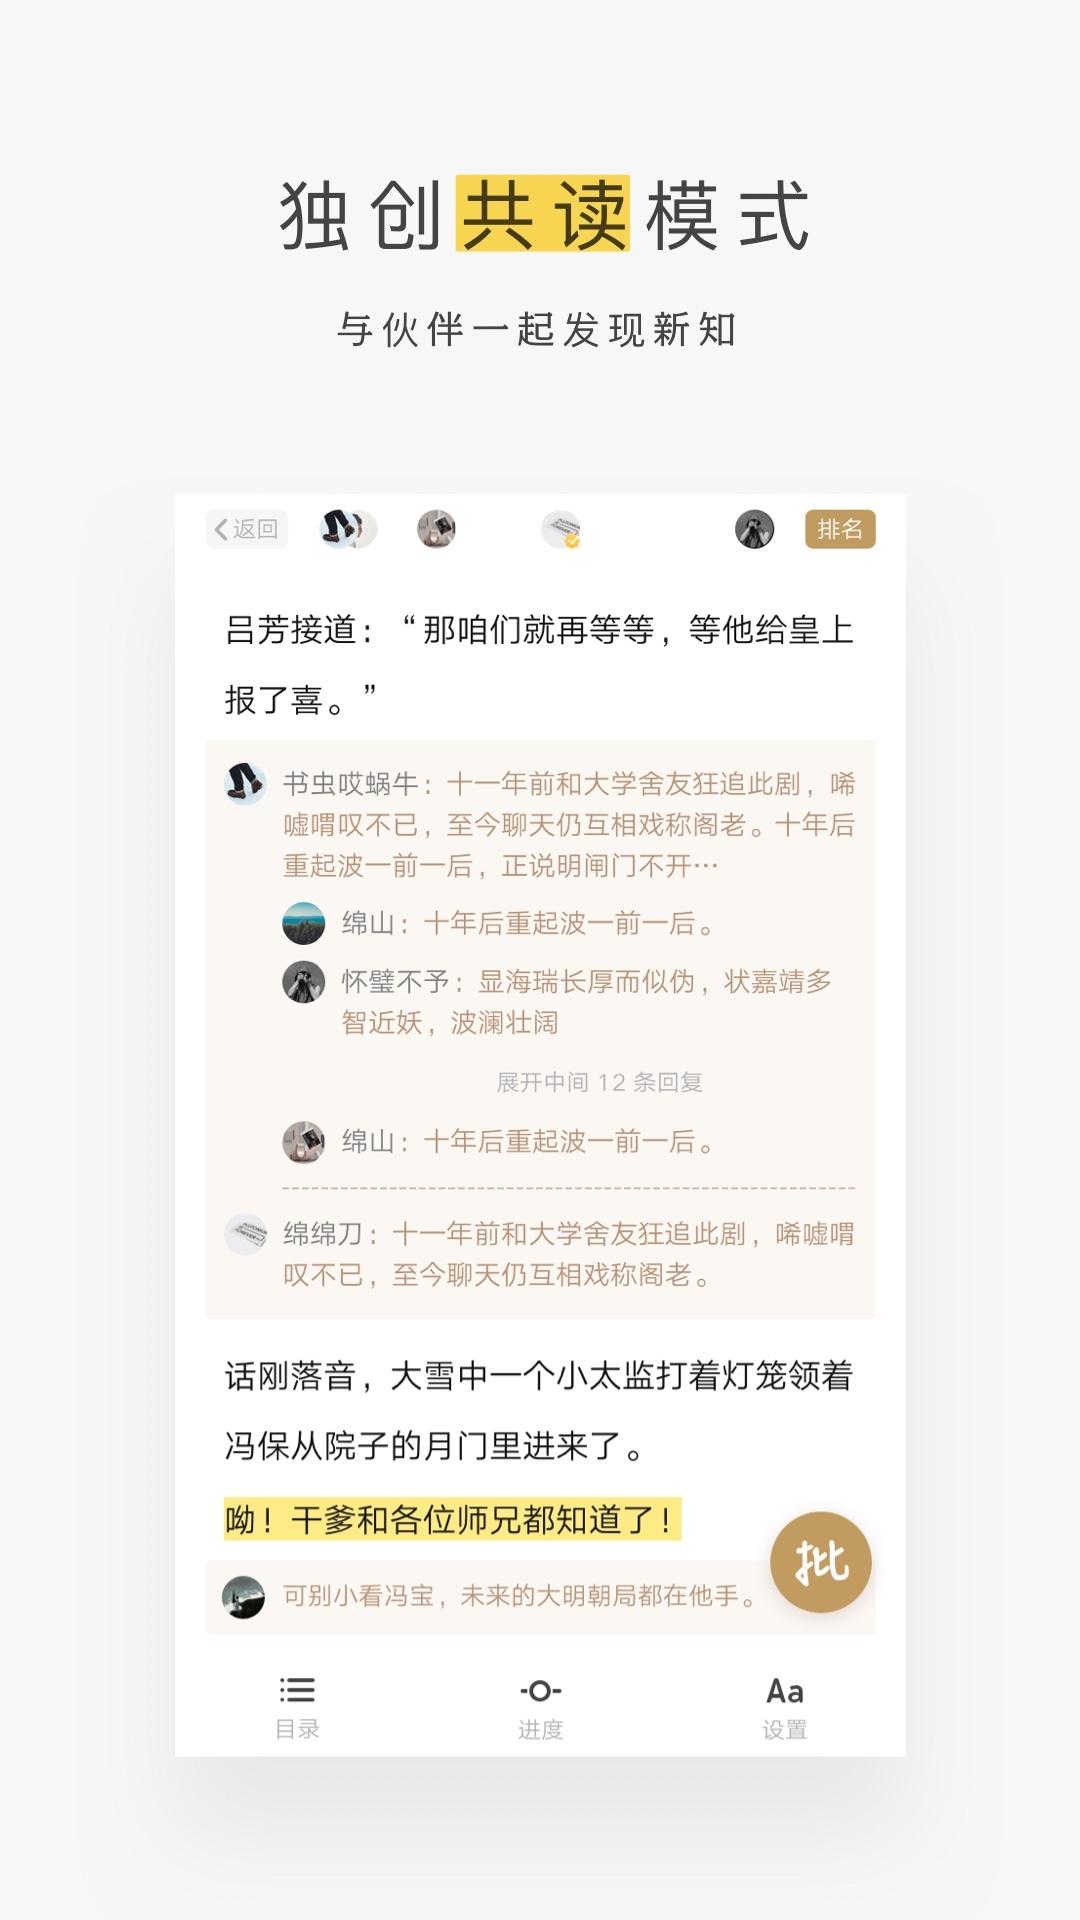 蜗牛读书免登录版 V1.9.15 安卓版截图3